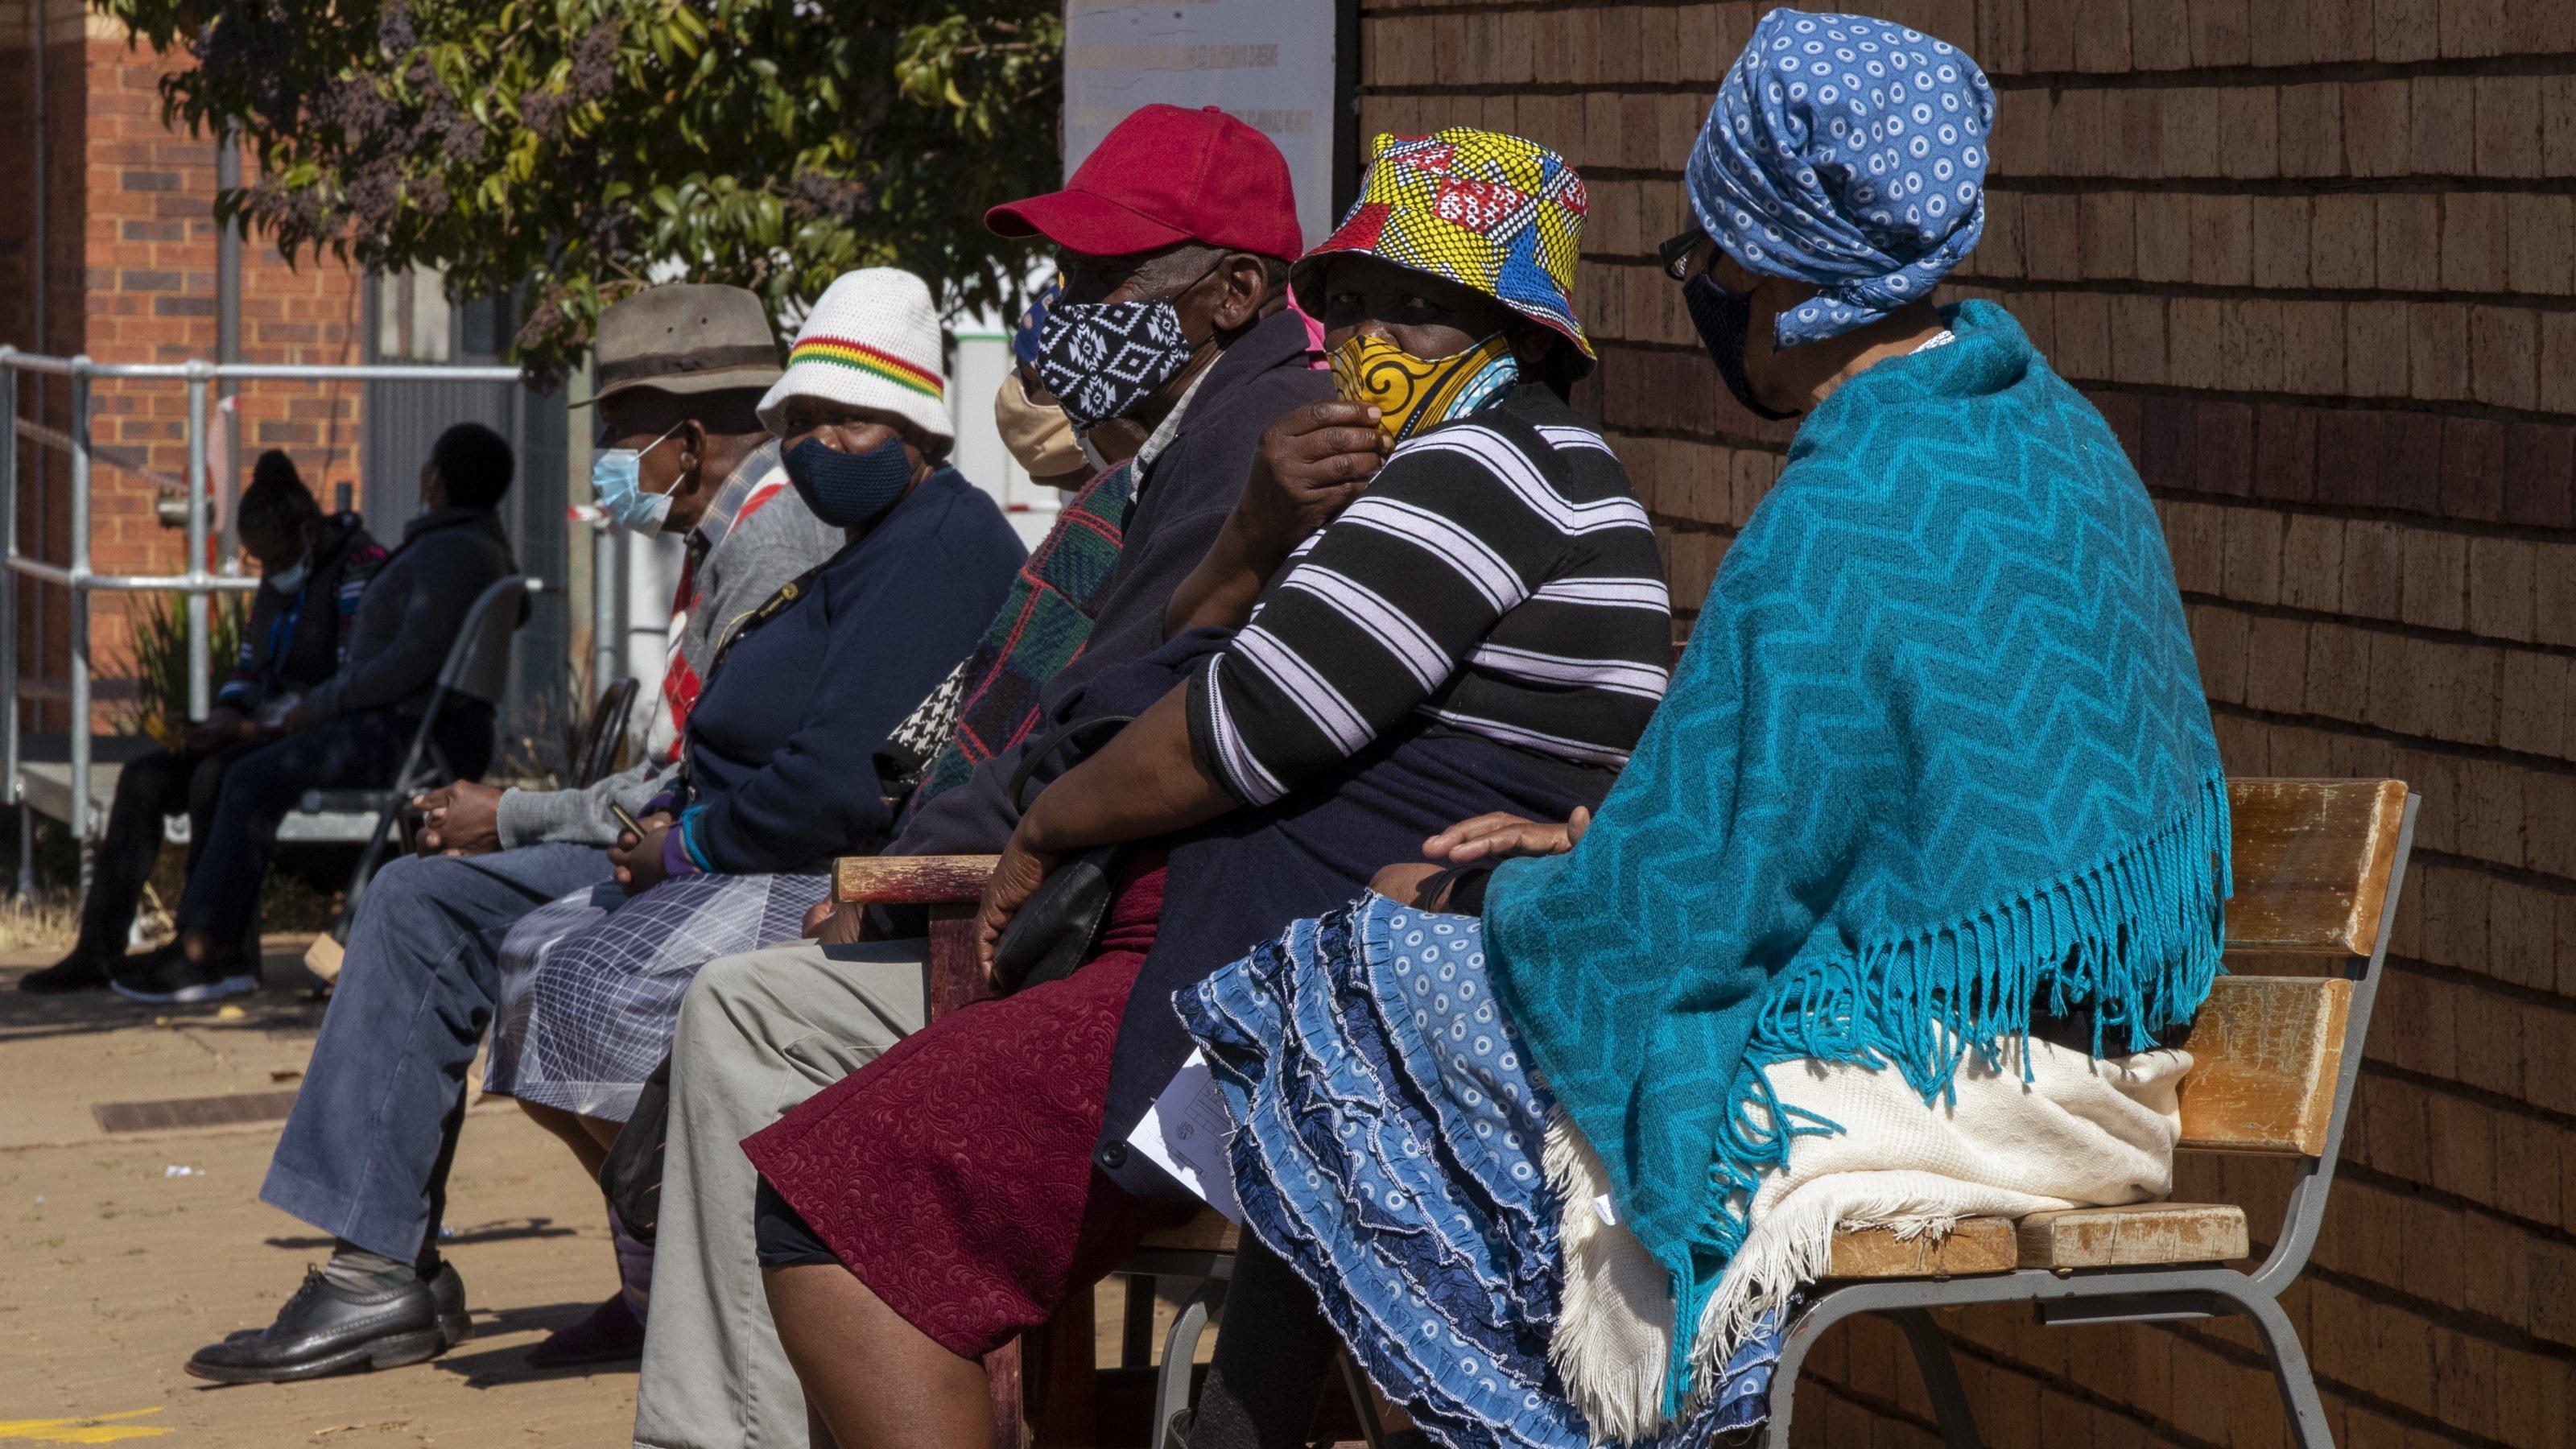 Frauen und Männer mit farbenfrohen Gesichtsmasken sitzen auf Stühlen vor der Klinik in der Schlange